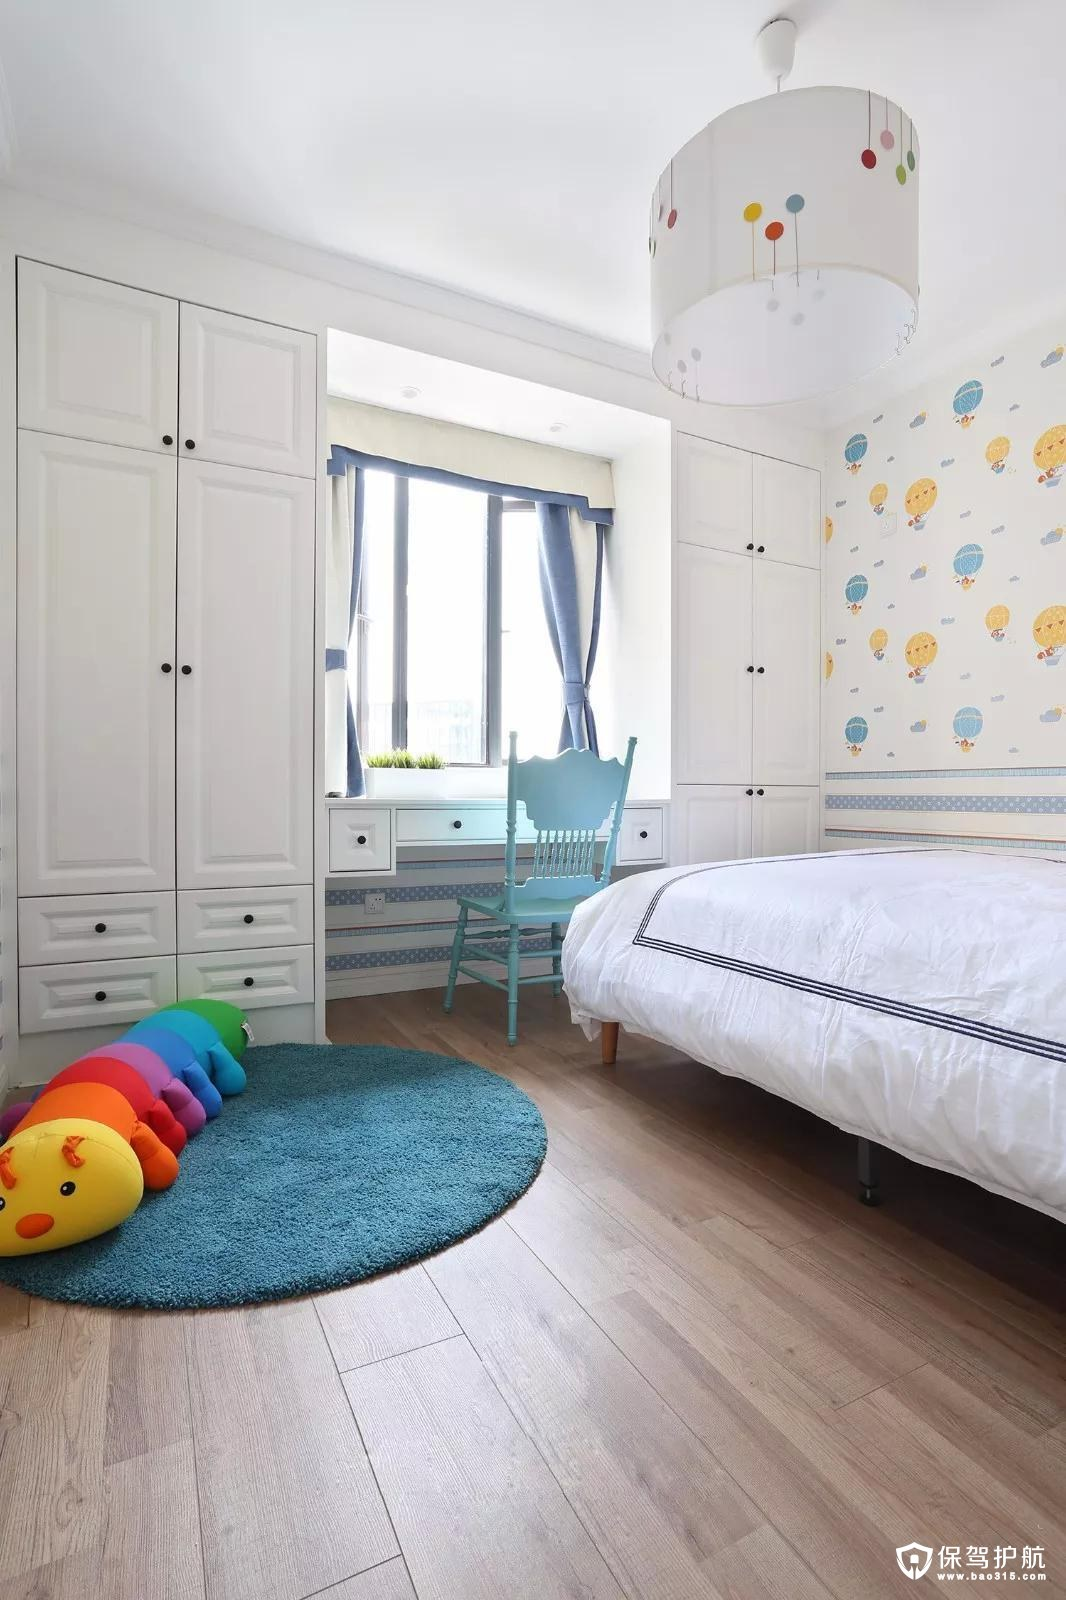 儿童房壁纸与吊灯俏皮可爱,富有童年的趣味与乐趣。靠窗打造的衣柜的书桌,空间也得到了充分有效的利用。